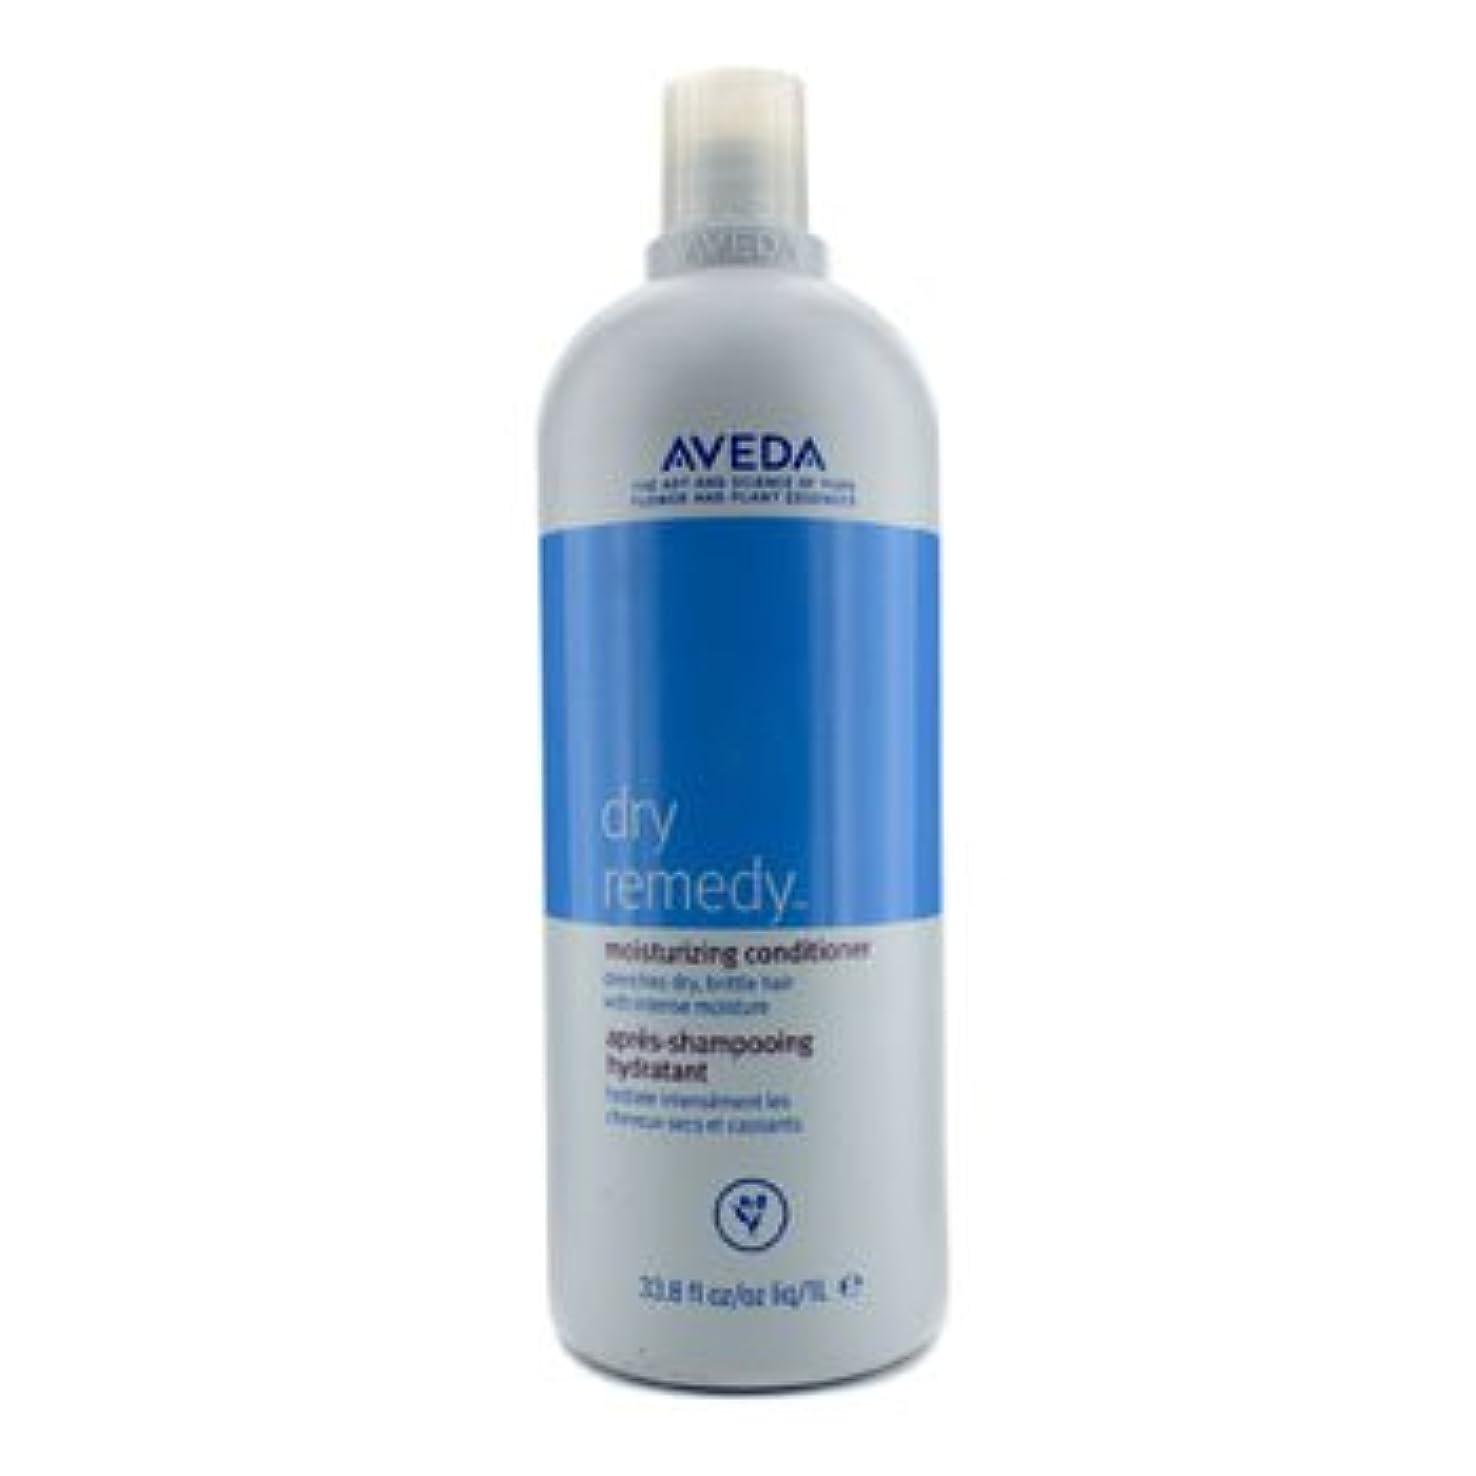 カスケード反響するこどもの宮殿[Aveda] Dry Remedy Moisturizing Conditioner - For Drenches Dry Brittle Hair (New Packaging) 1000ml/33.8oz